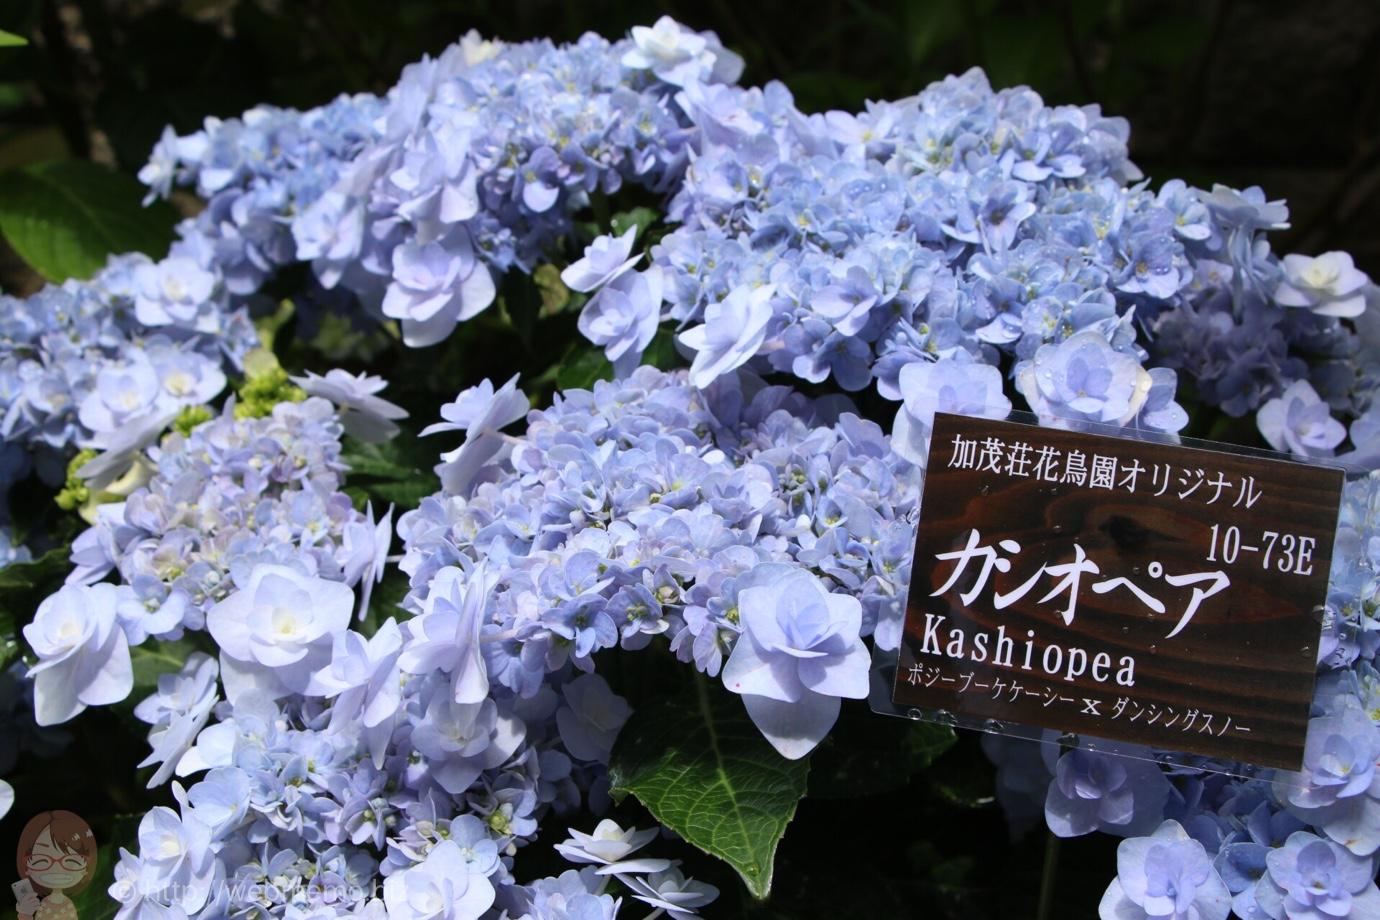 北鎌倉のアジサイを100種類以上楽しめる「あじさい展」が記憶に残るアジサイスポット!